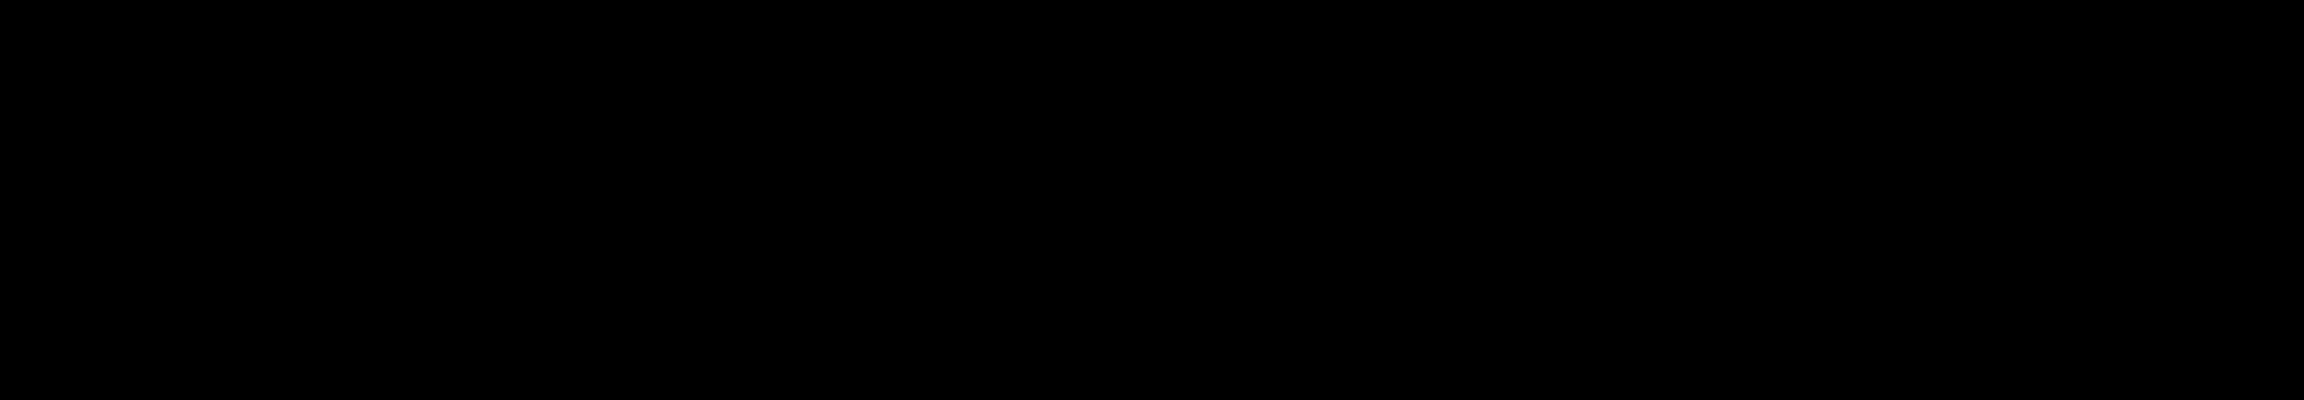 затемнение5.png